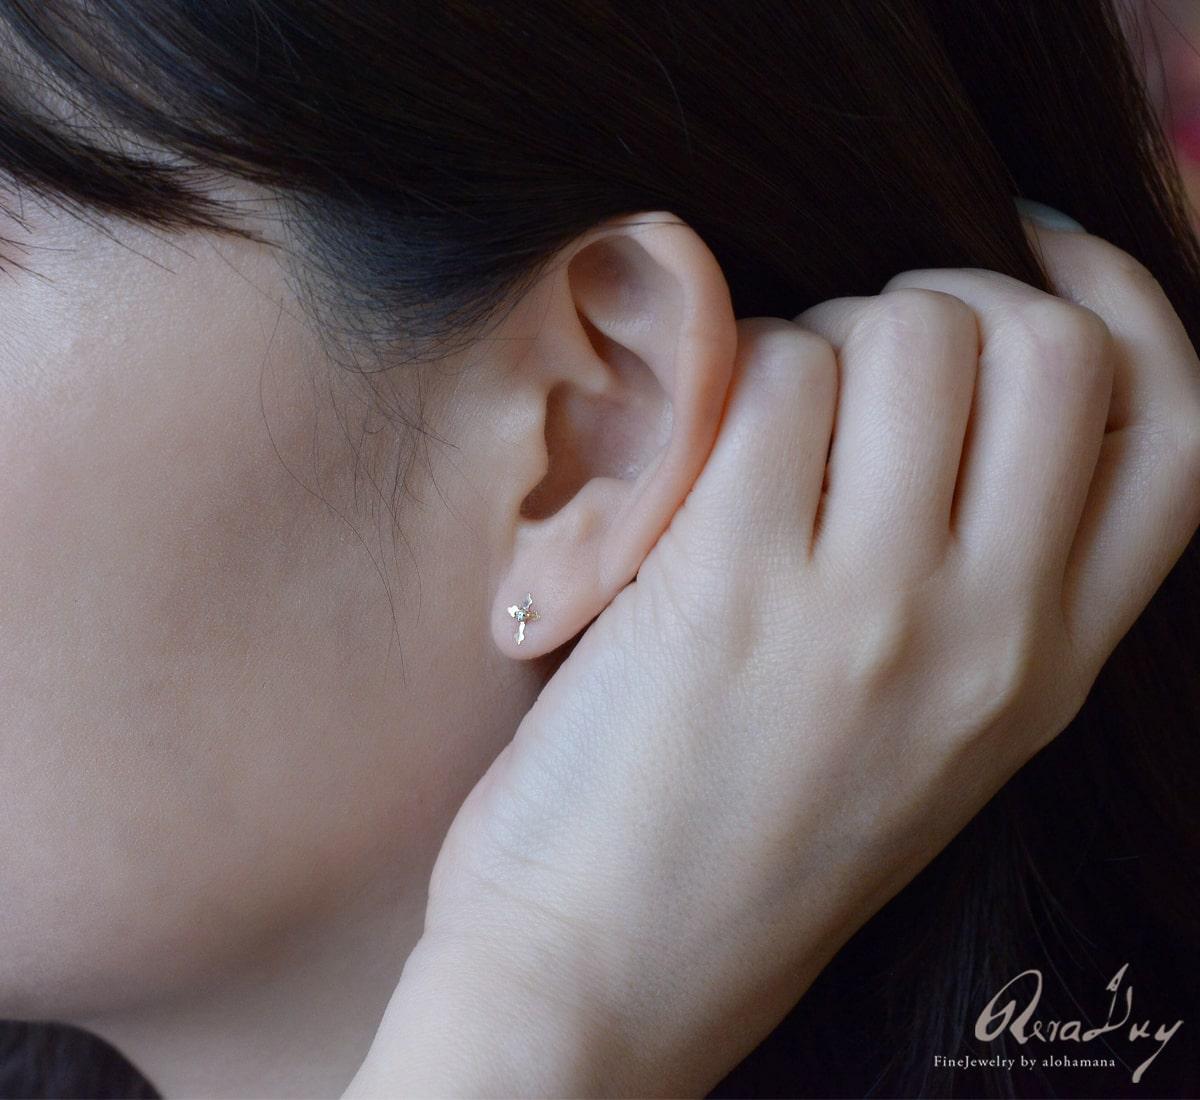 K18 ゴールド ピアス レディース 女性 アクセサリー (RERALUy) 一粒ダイヤモンドクロス ピアス 0.012ct  両耳用 新作/rpe1680k18